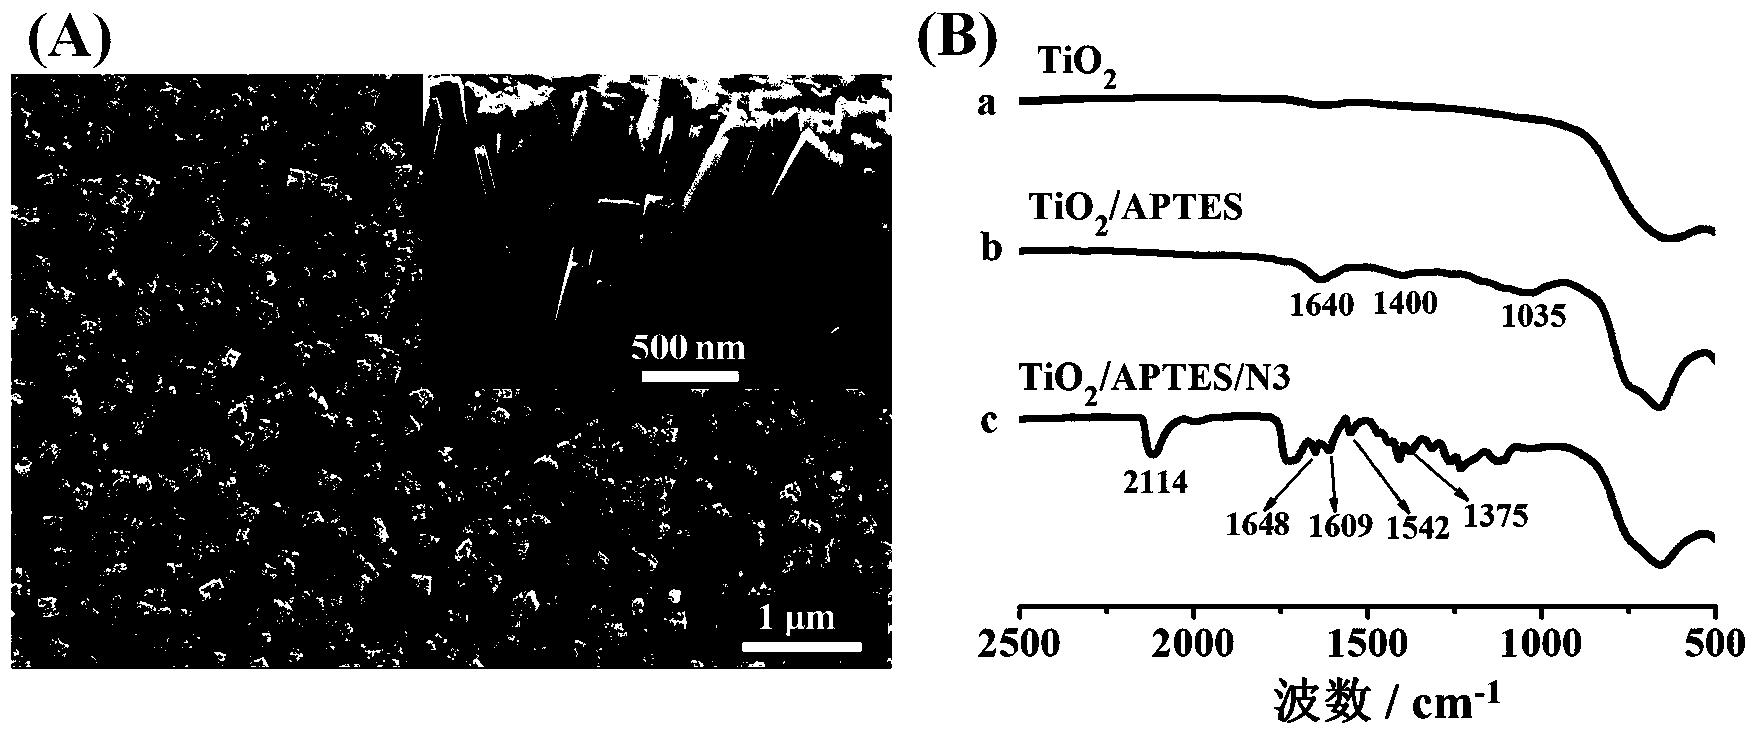 汞离子光电化学传感器工作电极及其制备方法和应用